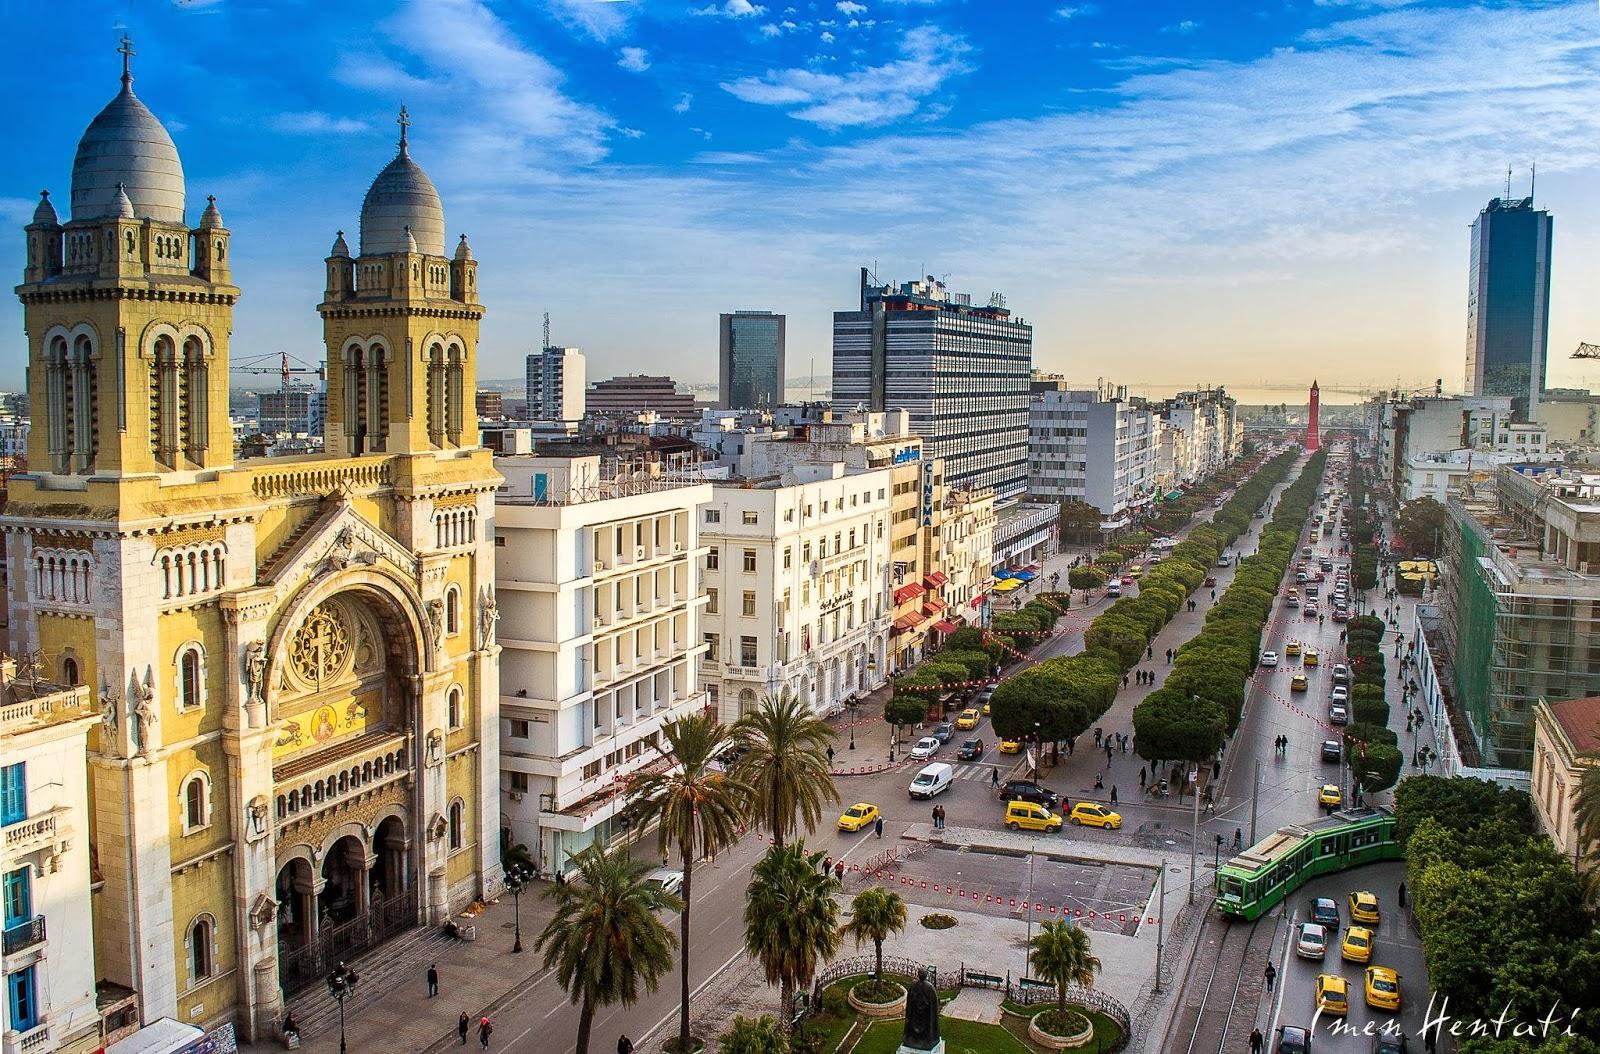 شاهراه مرکزی شهر تونس، و قلب سیاسی و اقتصادی تاریخی کشور است . این خیابان که نام خود را از اولین رئیس جمهور جمهوری ...